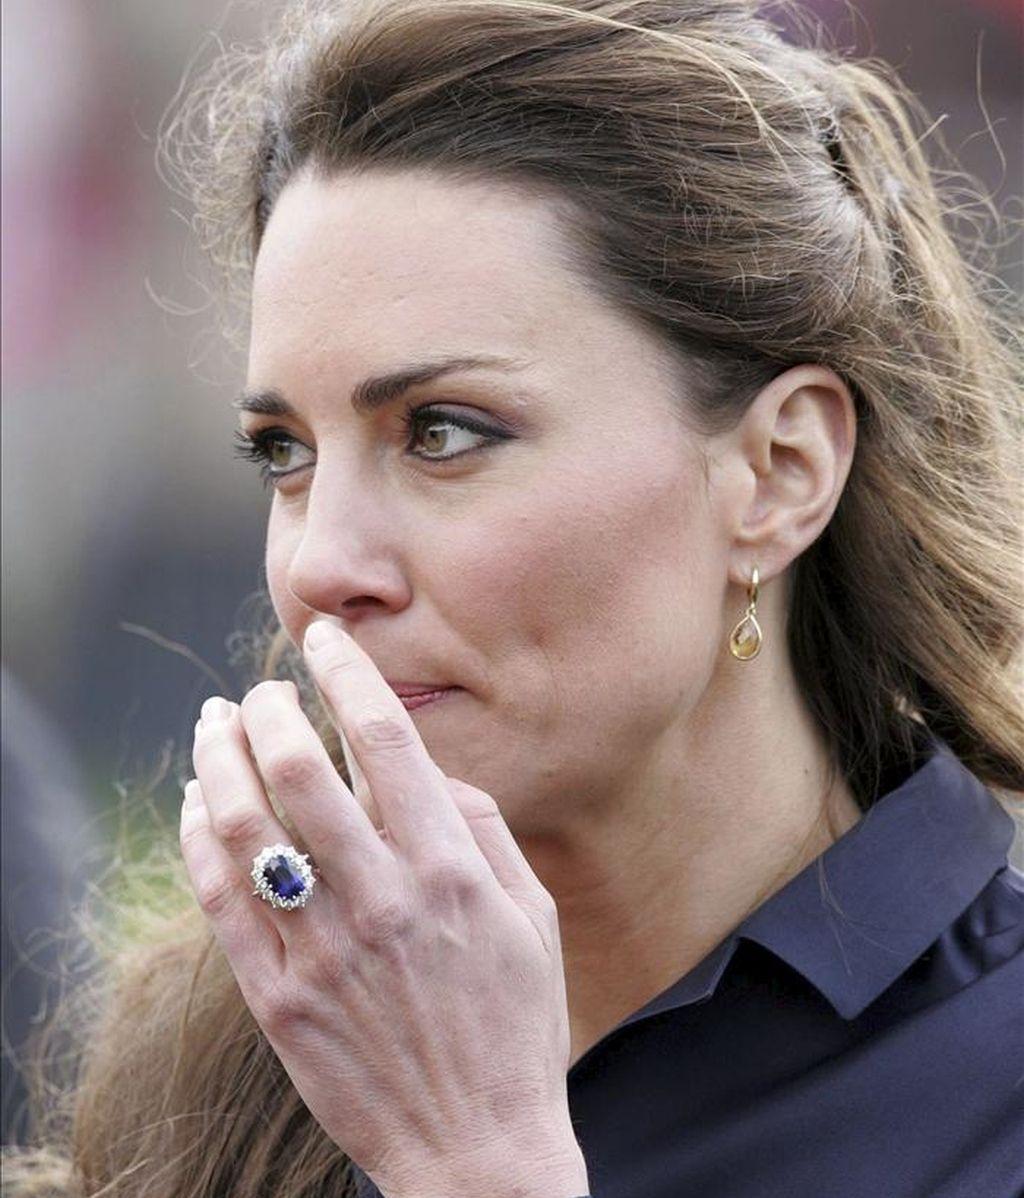 Foto de archivo de Kate Middleton, prometida del príncipe Guillermo de Inglaterra, durante su visita a Darwen (Reino Unido) el 11 de abril de 2011. EFE/Archivo